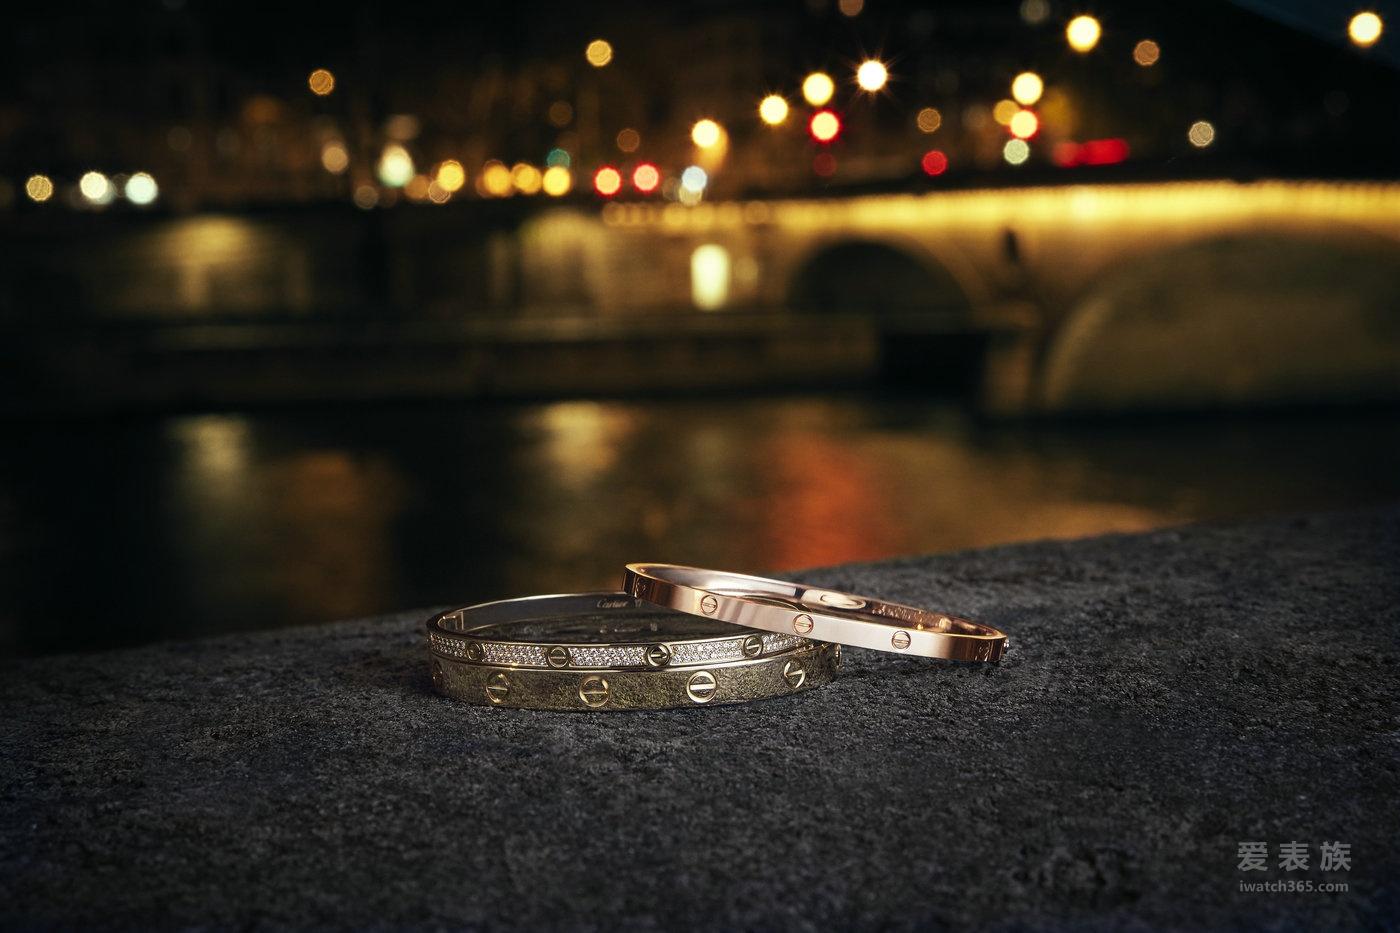 爱无止境,紧锁一生——2017卡地亚 LEVE系列全新力作浪漫发售